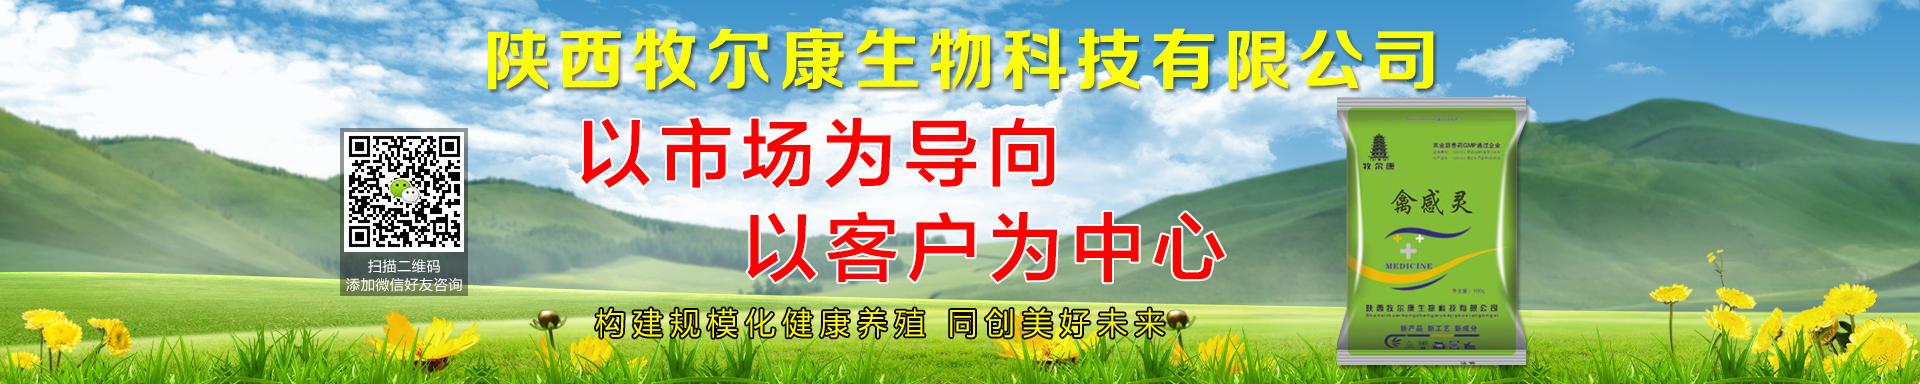 陕西牧尔康生物科技有限公司